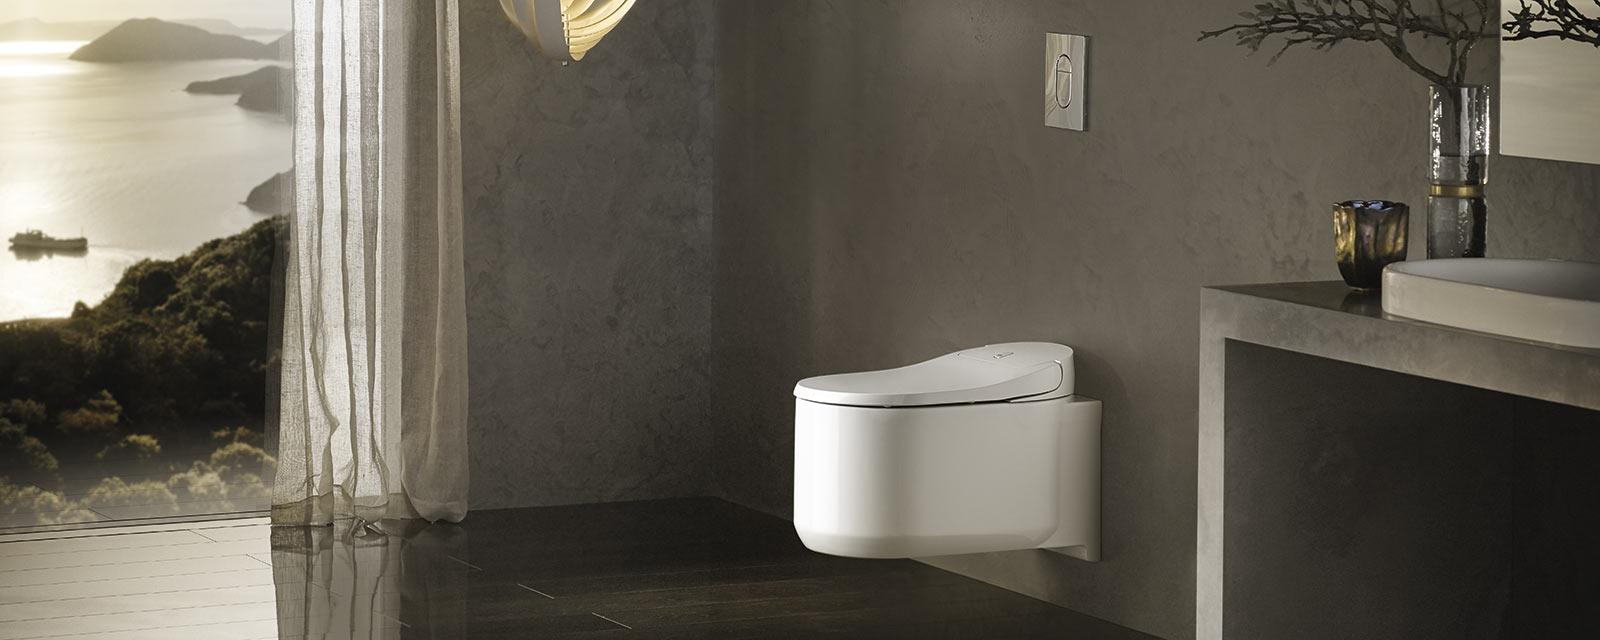 WC lavant : tout savoir sur les WC japonais | Guide Artisan